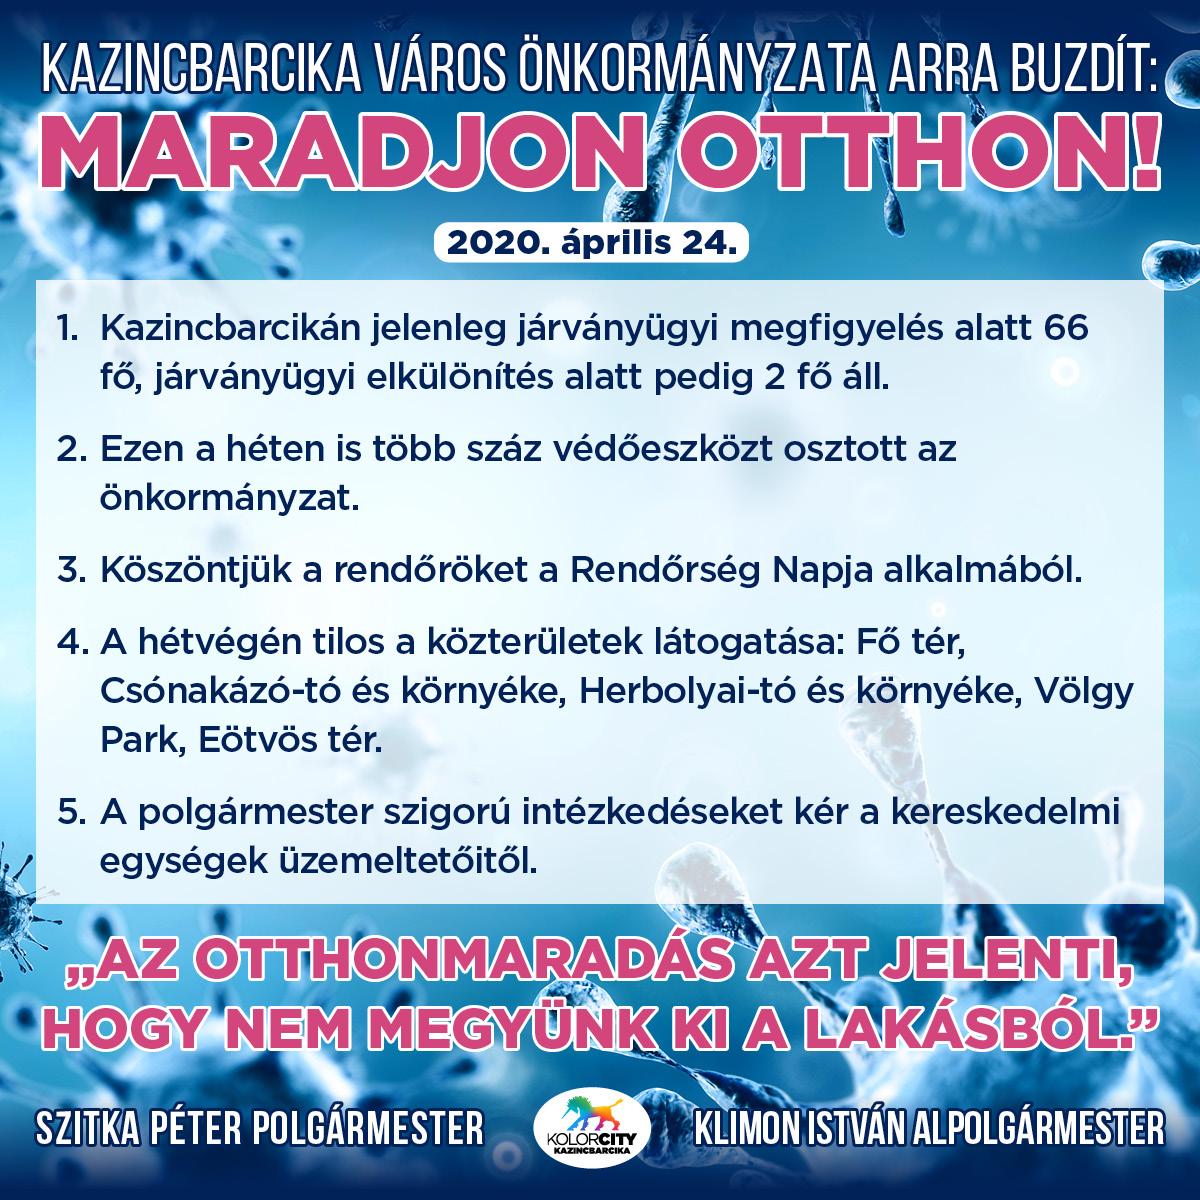 https://kolorline.hu/Kazincbarcika Város Önkormányzata arra buzdít: Maradj otthon! – 2020. április 24.